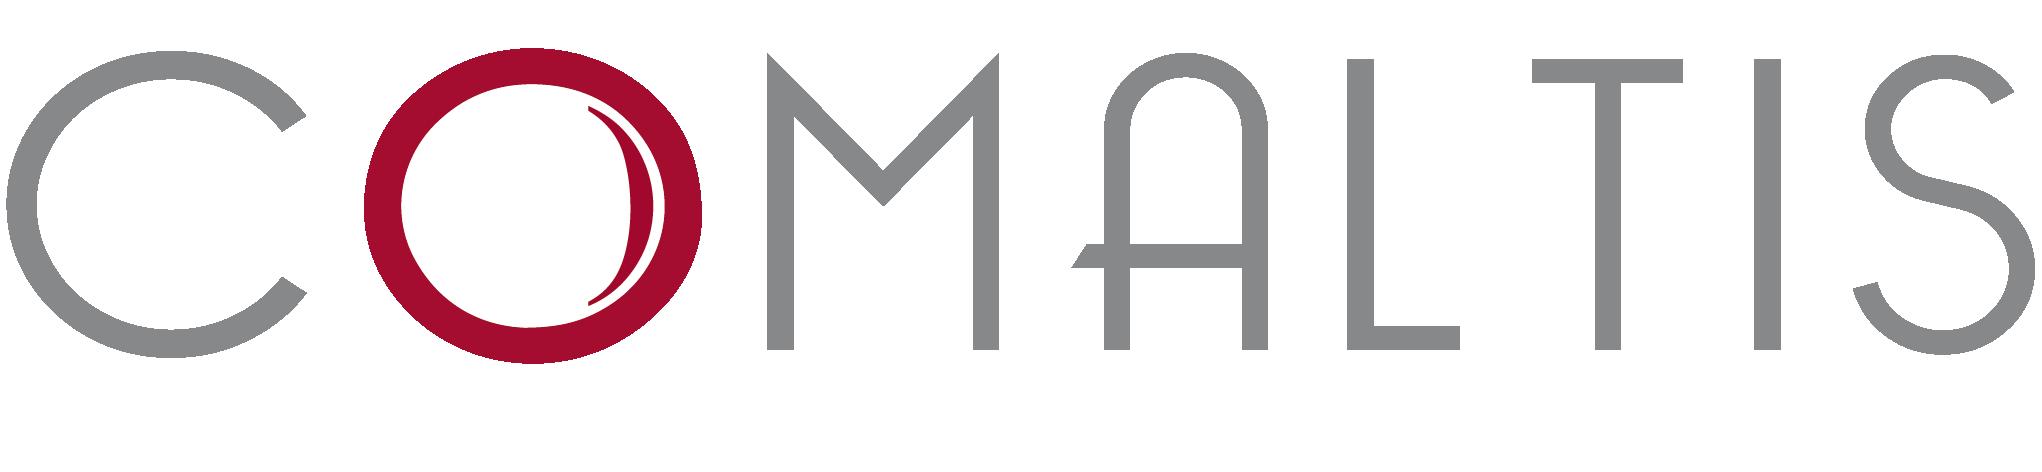 Logo Comaltis